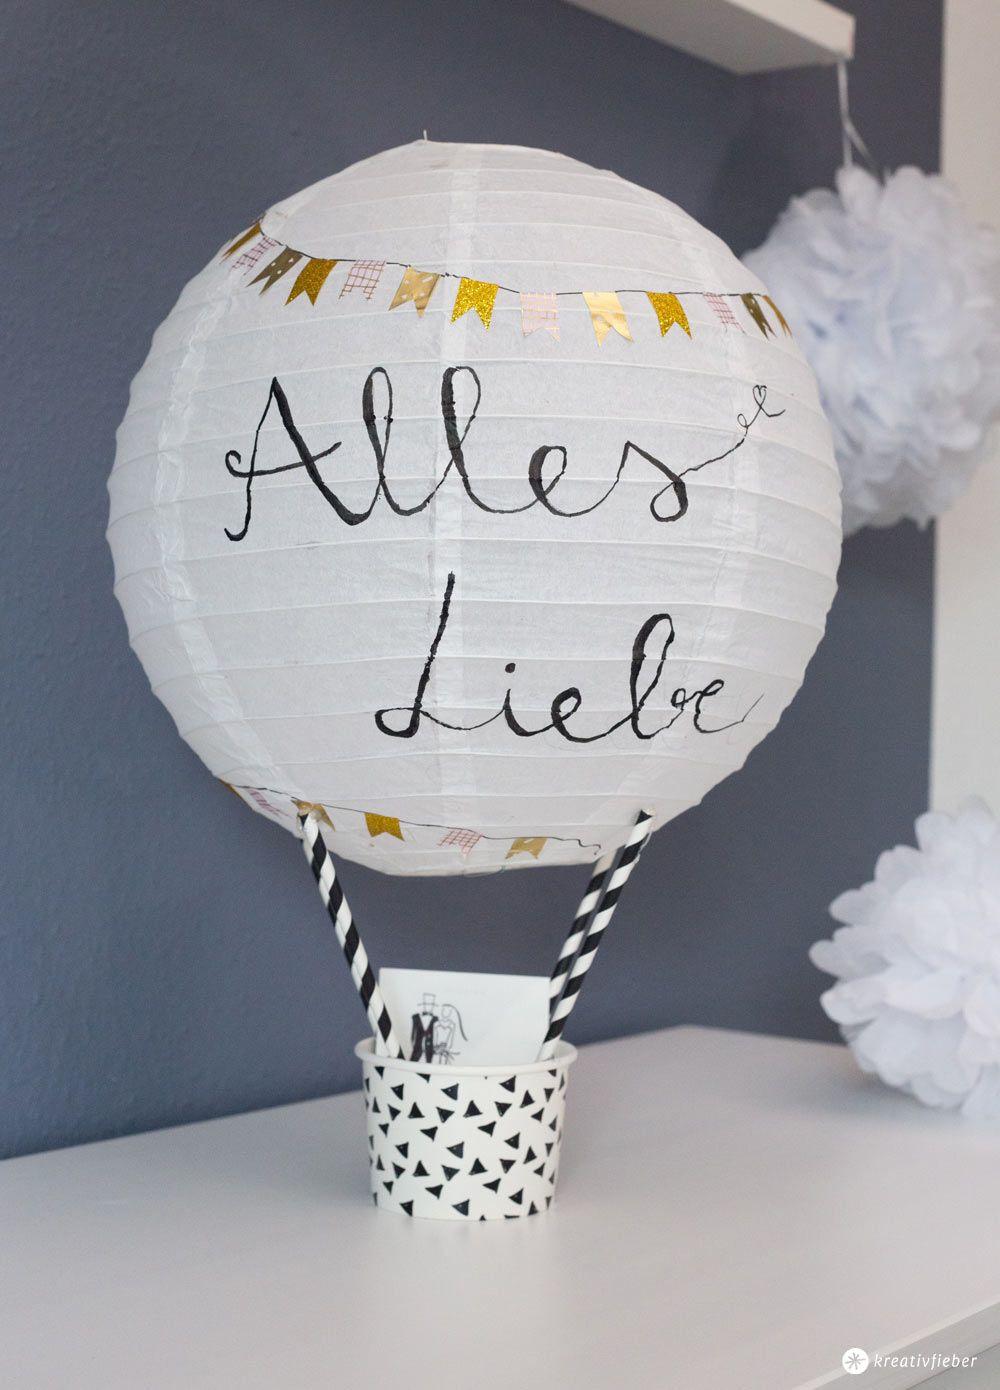 Basteln Für Hochzeit  DIY Geschenkidee zur Hochzeit Heißluftballon